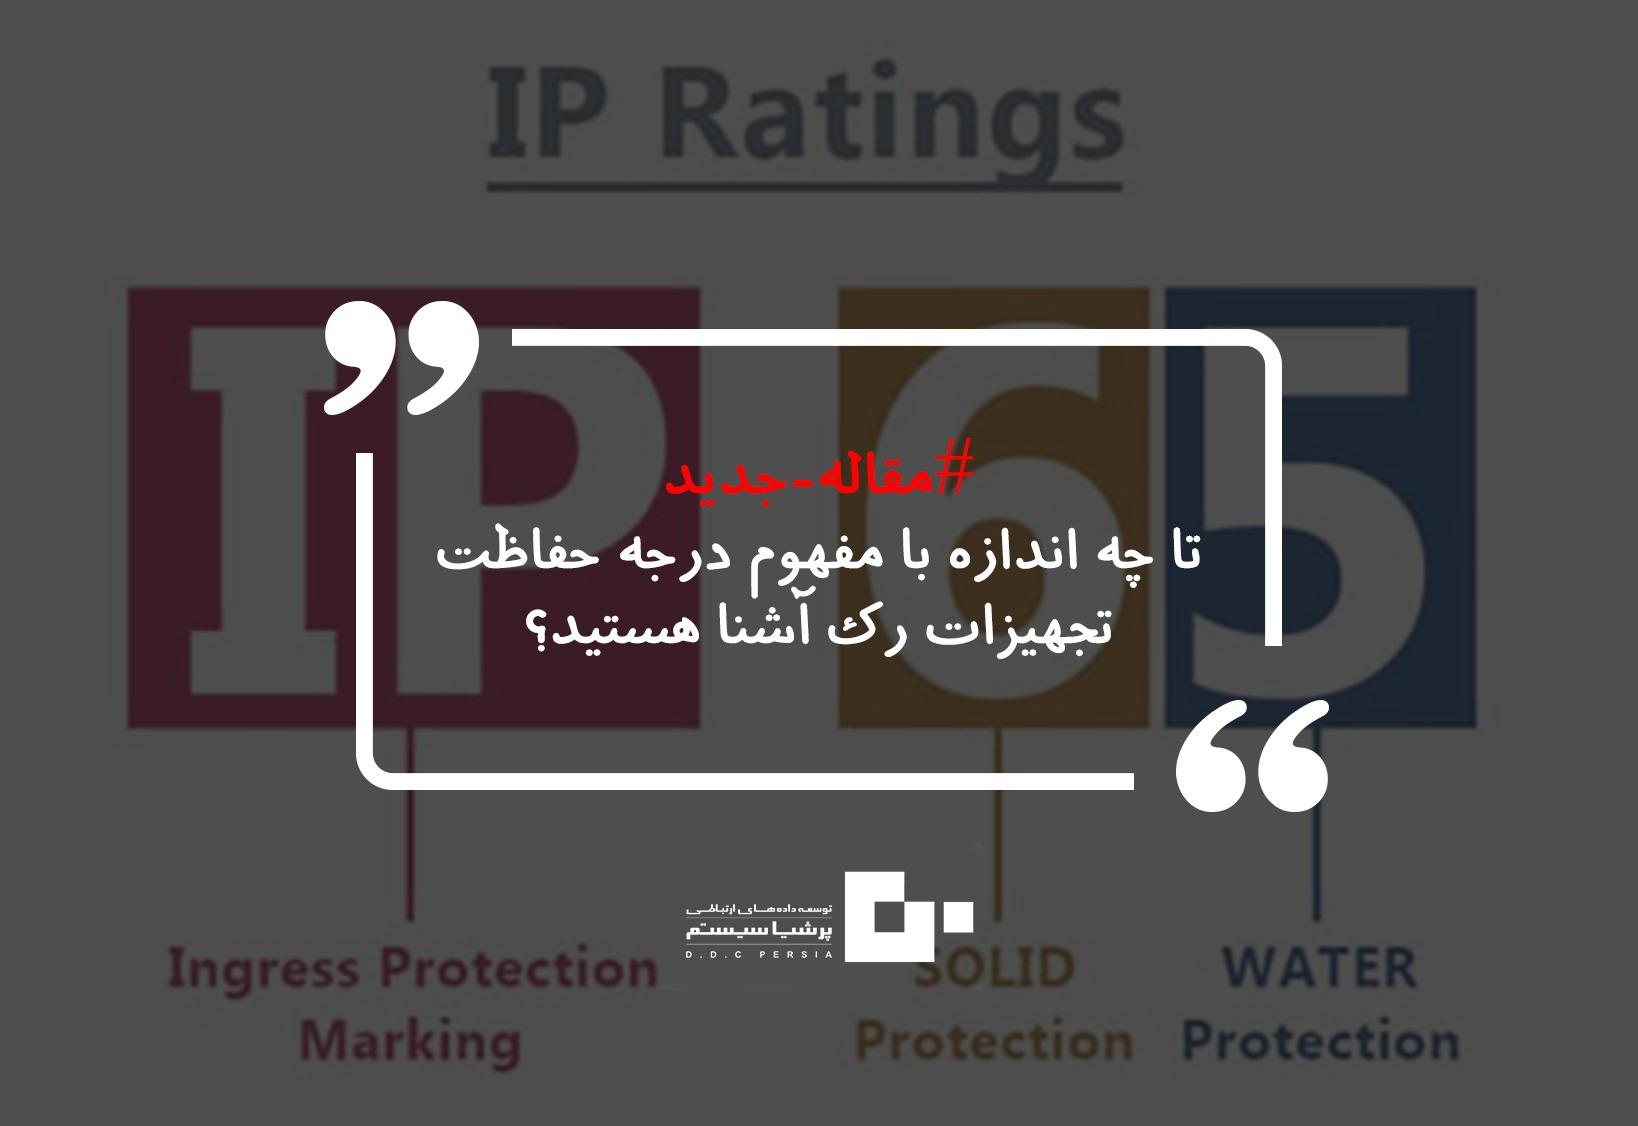 تا چه اندازه با مفهوم درجه حفاظت تجهیزات رک آشنا هستید؟